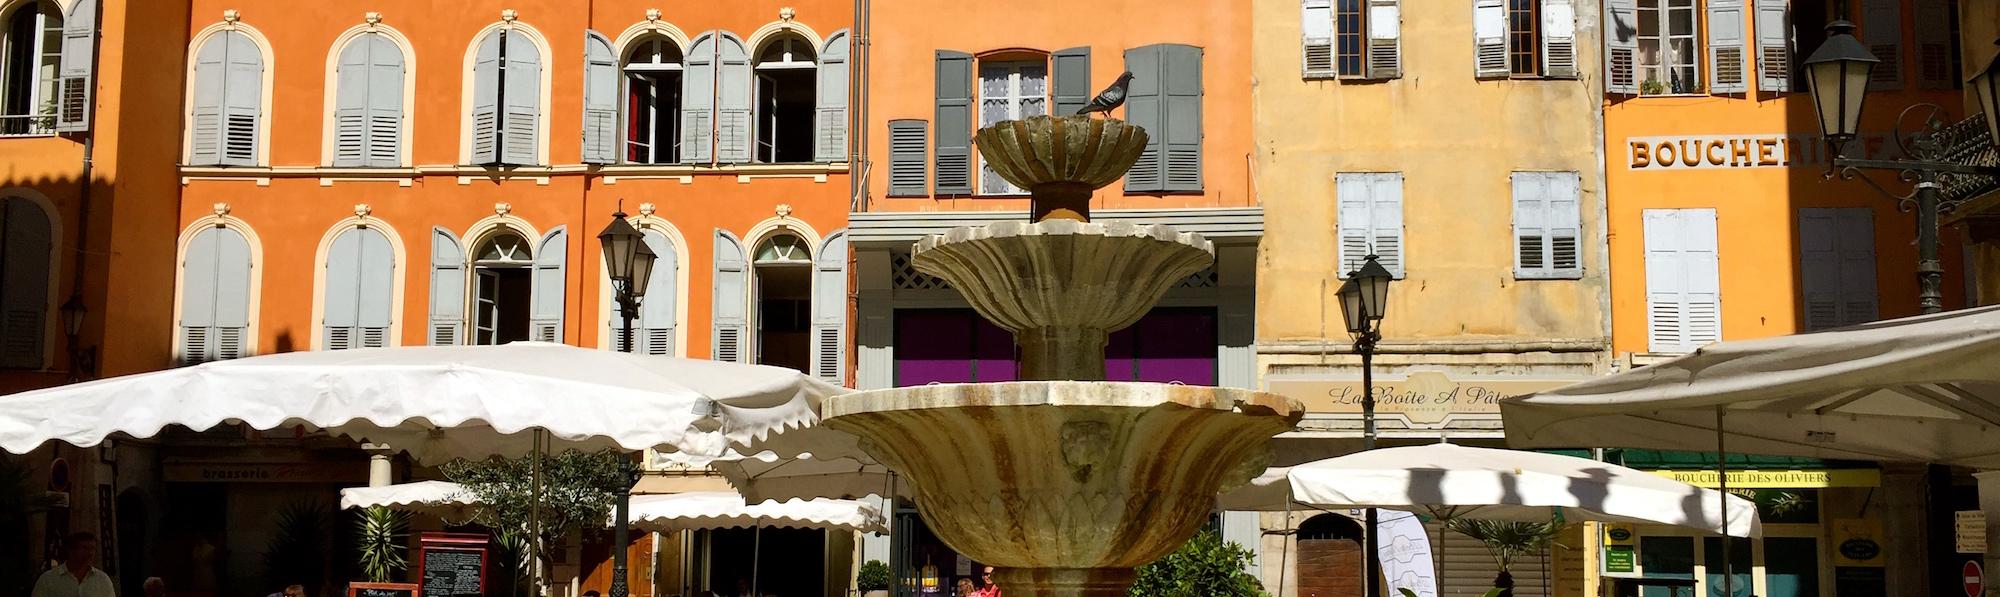 Place aux Aires, Grasse